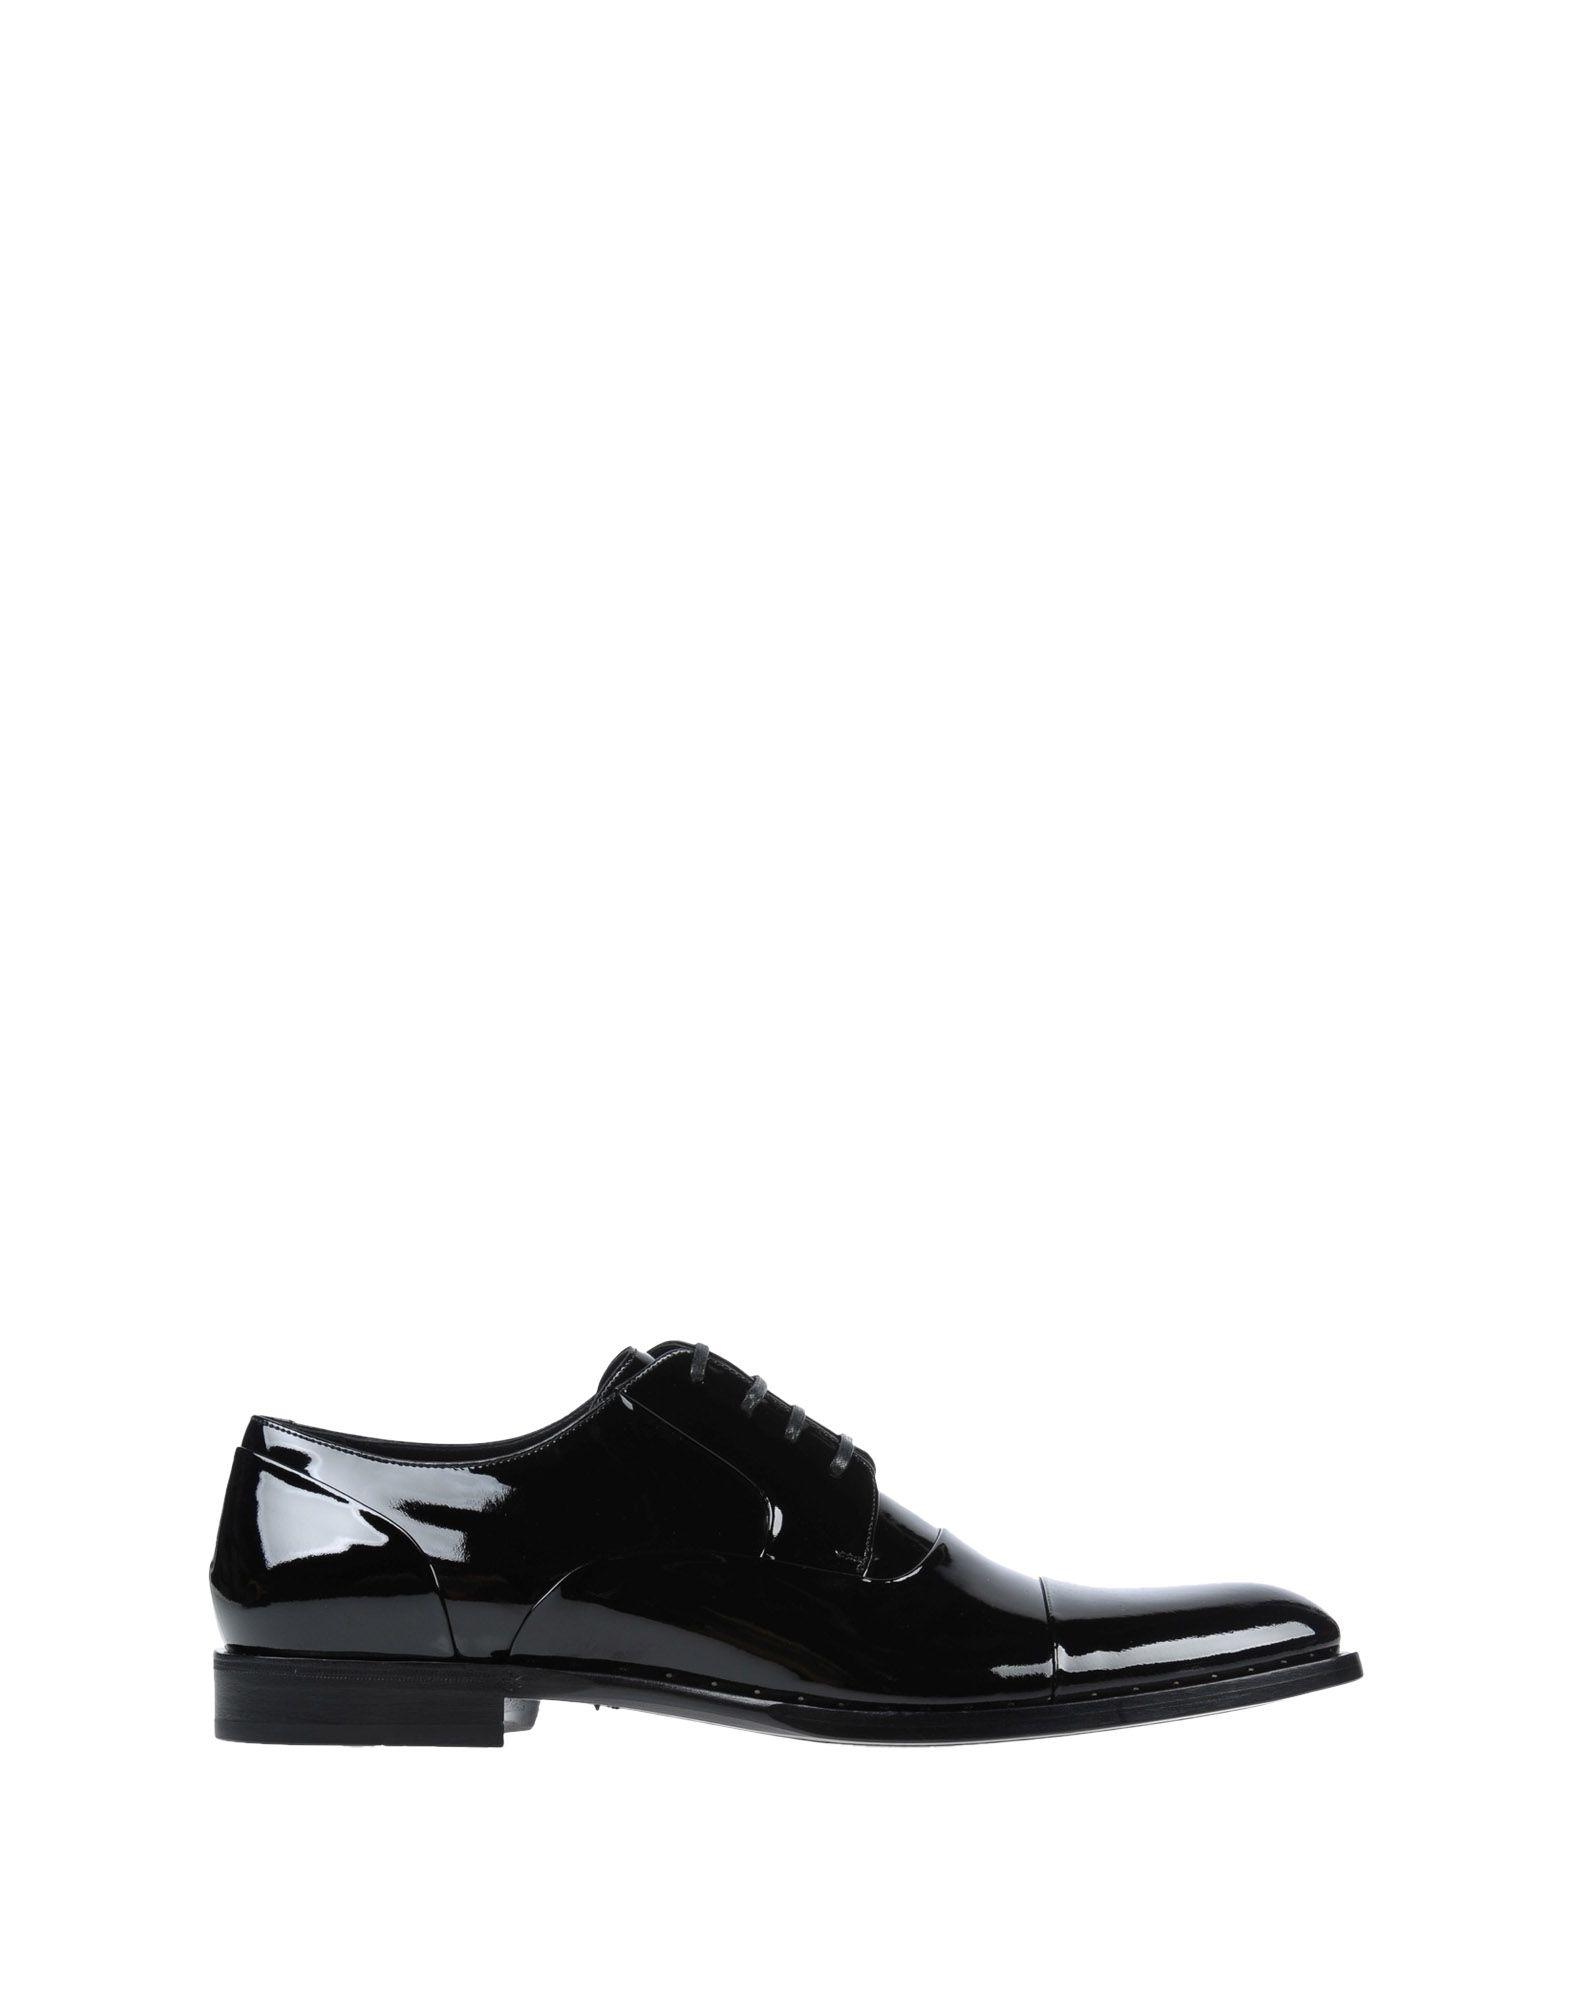 Dolce & Gabbana Schnürschuhe Herren  11486849KS Gute Qualität beliebte Schuhe